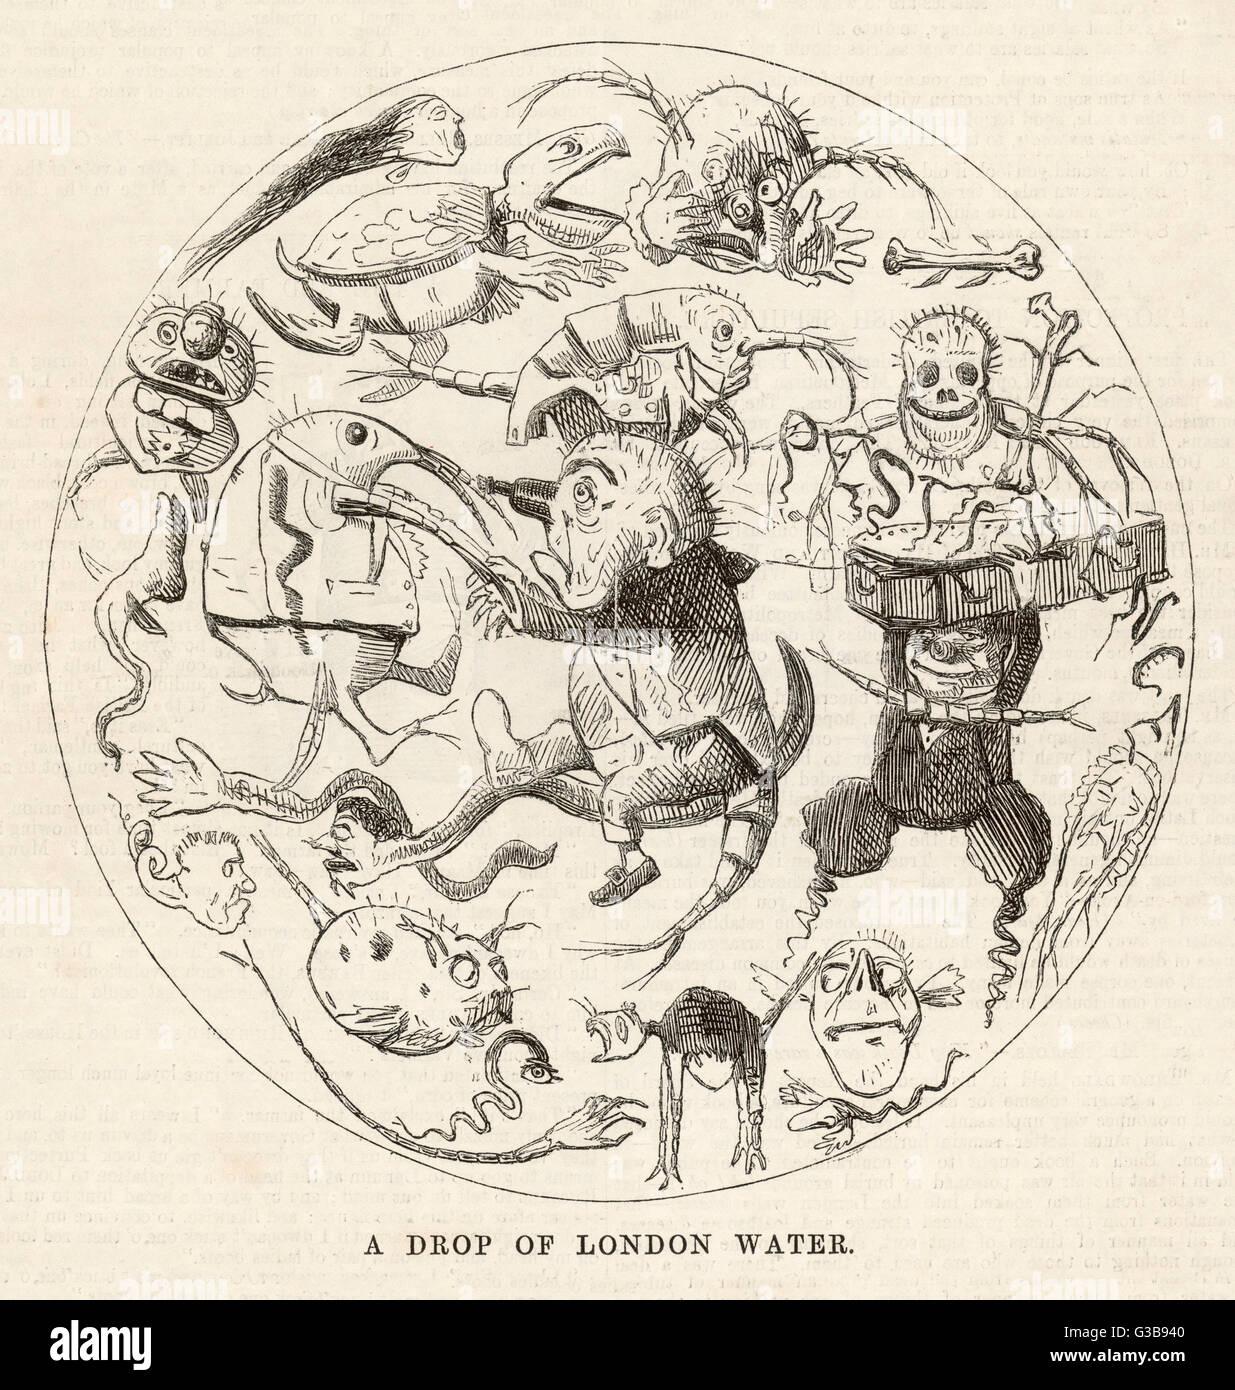 'Les MERVEILLES DE LONDRES UNE GOUTTE D'EAU' une goutte d'eau qu'il serait vu sous le « Photo Stock